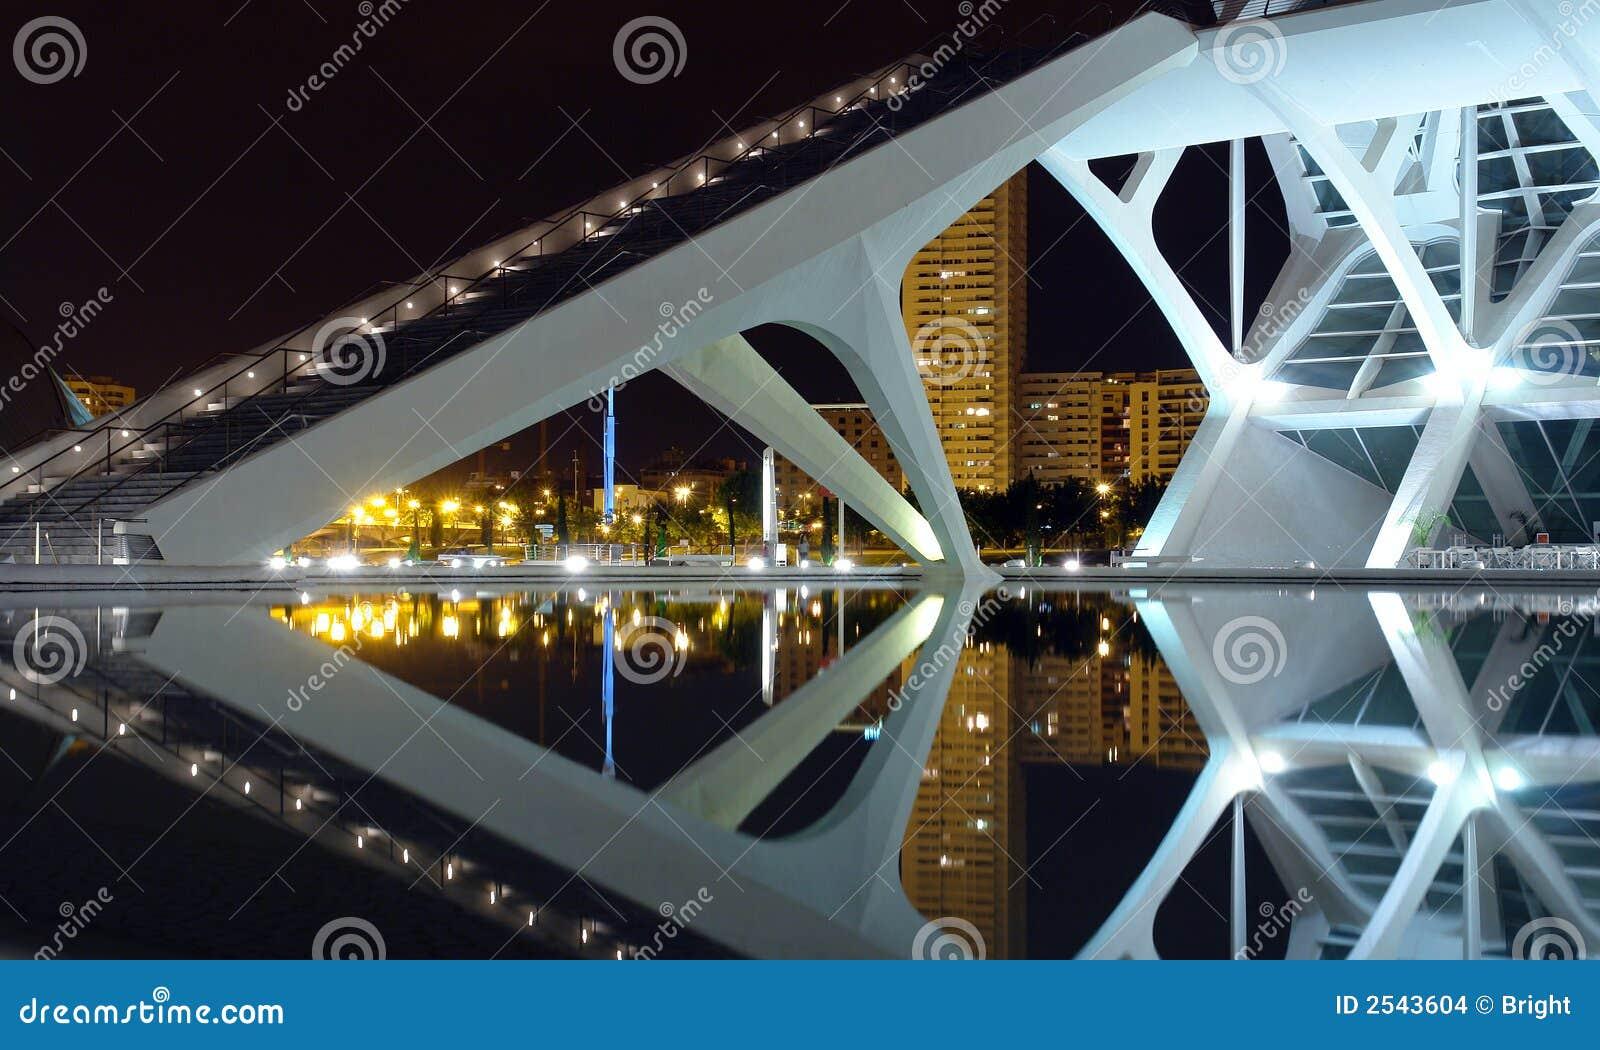 Architettura moderna immagine stock editoriale immagine for L architettura moderna